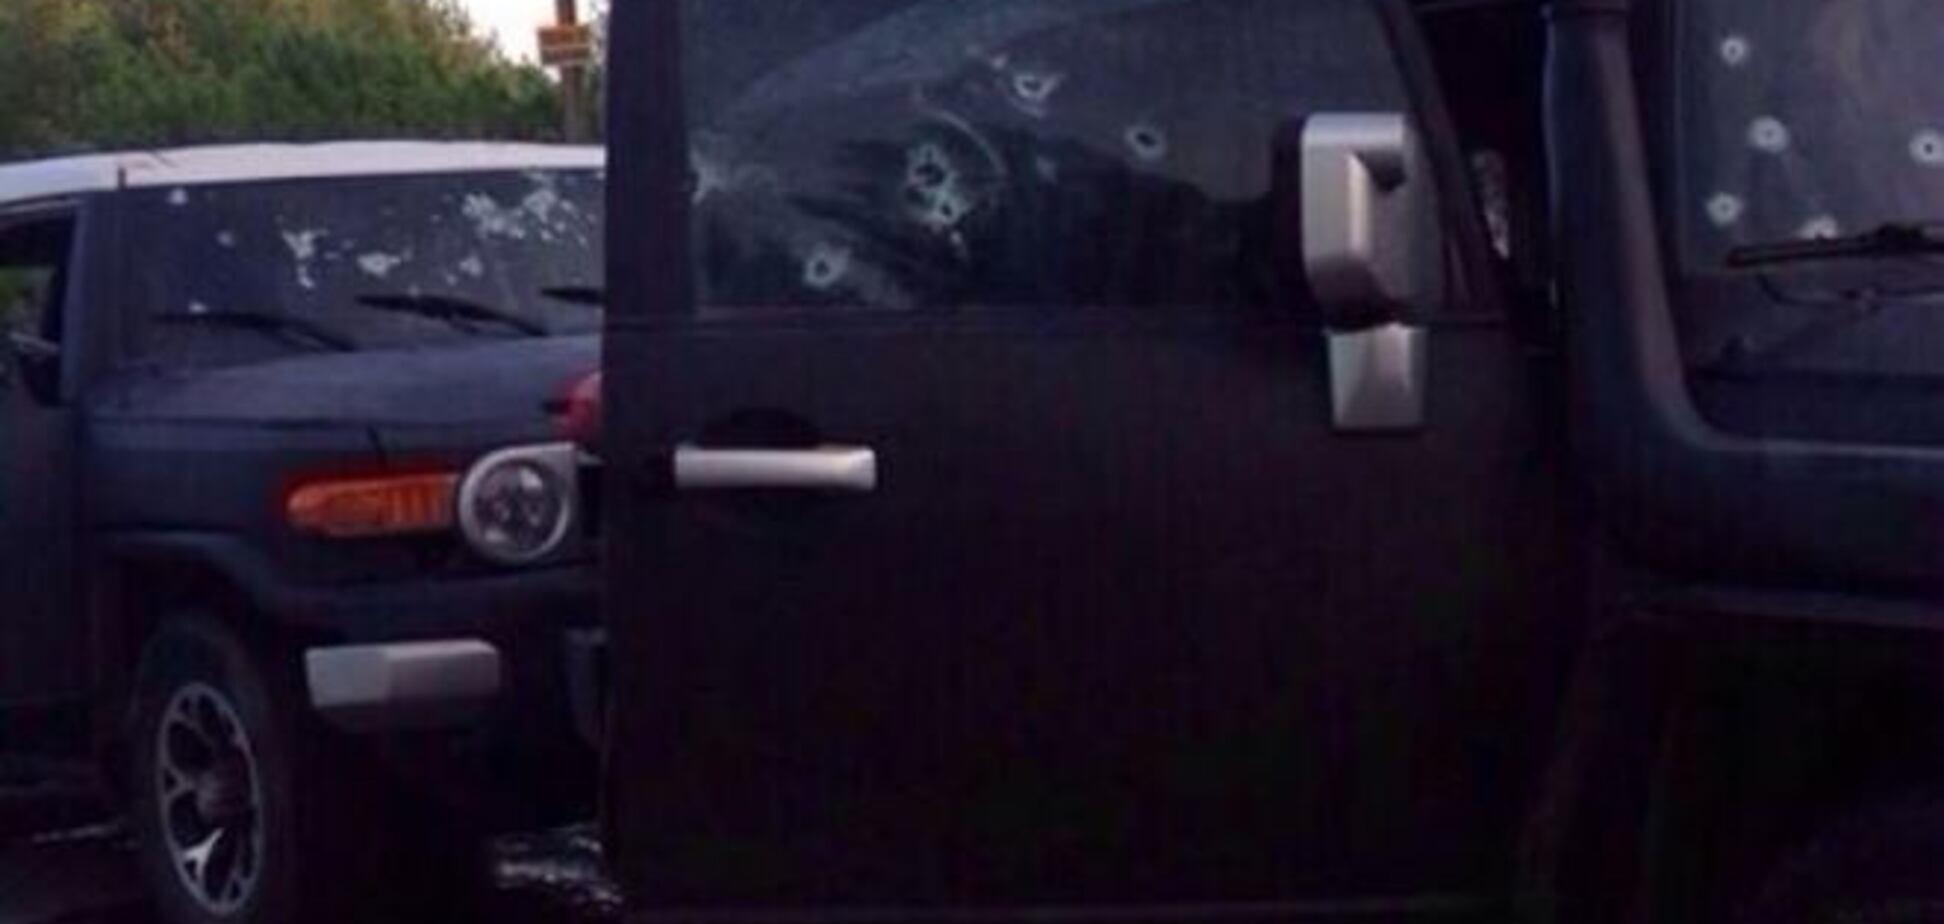 Террористы расстреляли семью из Антрацита, приняв их авто за колонну 'Правого сектора' - правозащитница